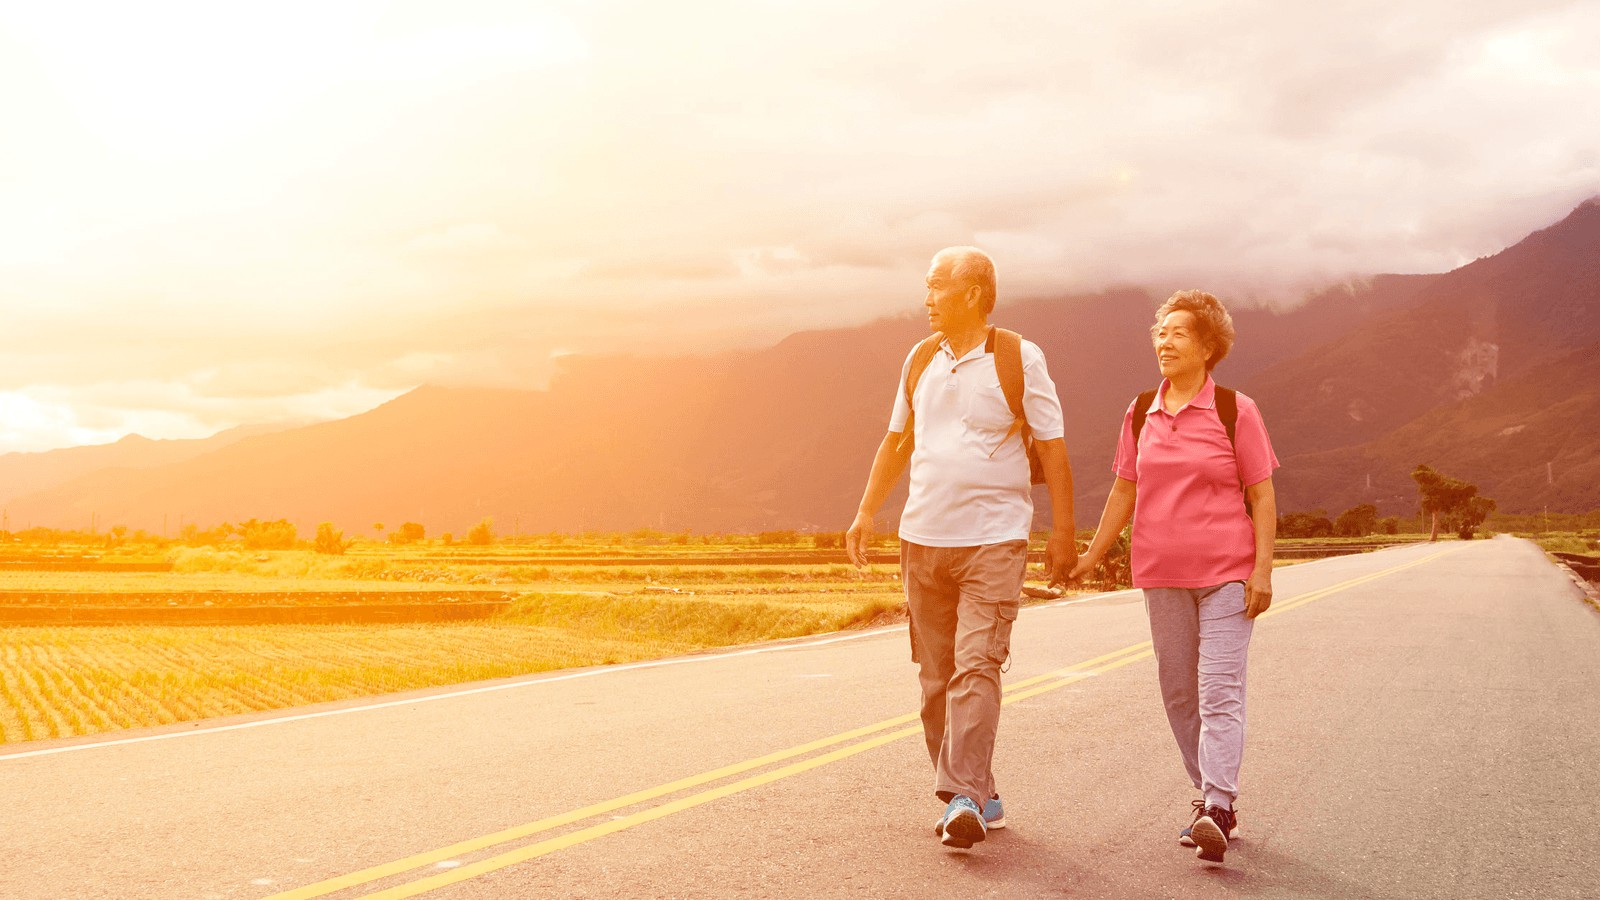 lợi ích của việc đi bộ với người bệnh thoái hóa khớp gối